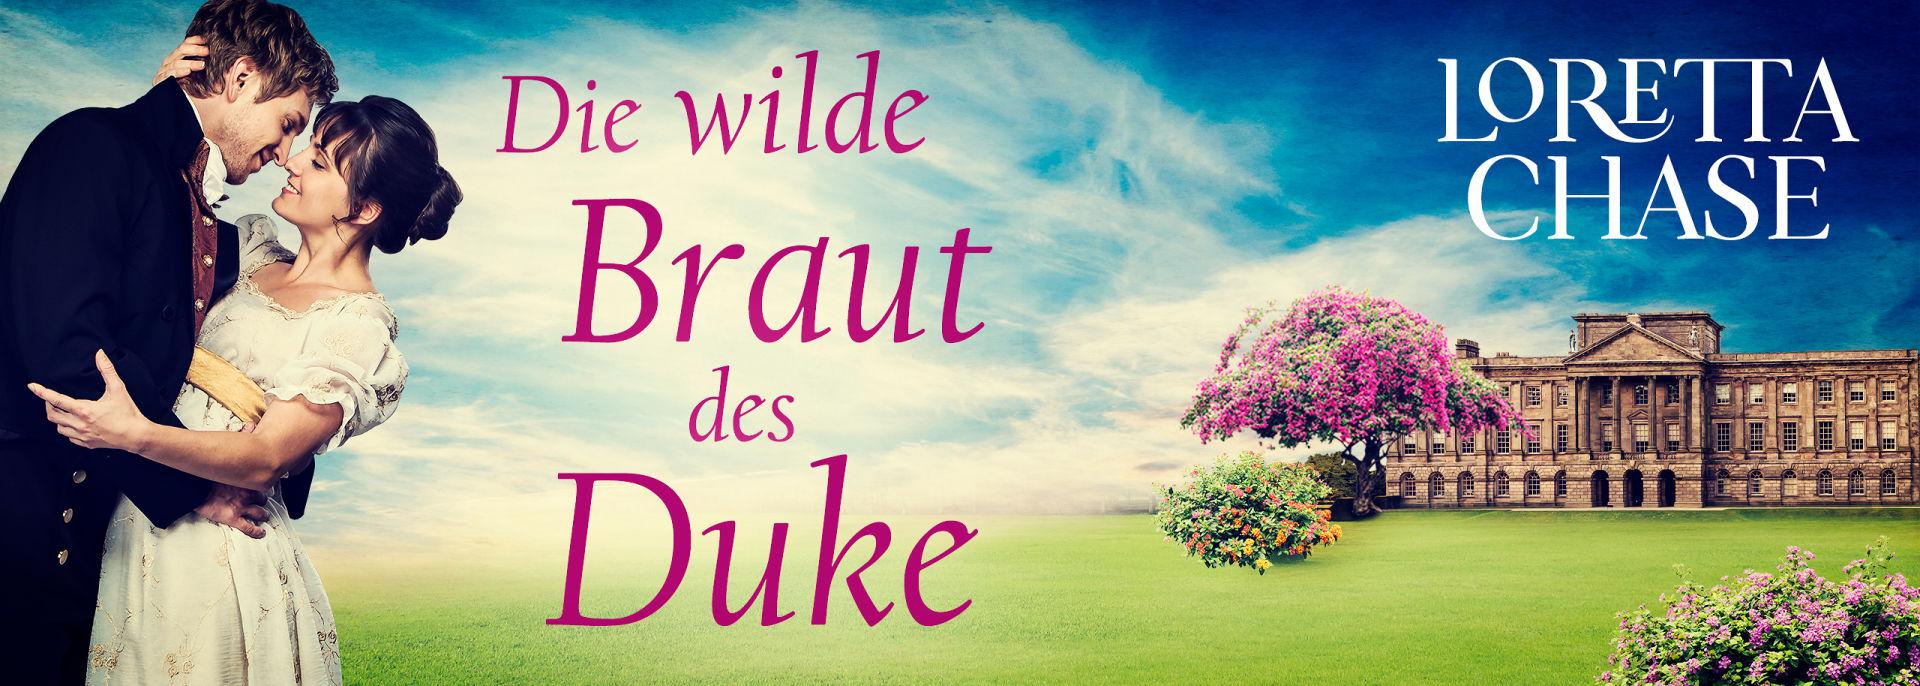 Die wilde Braut des Duke